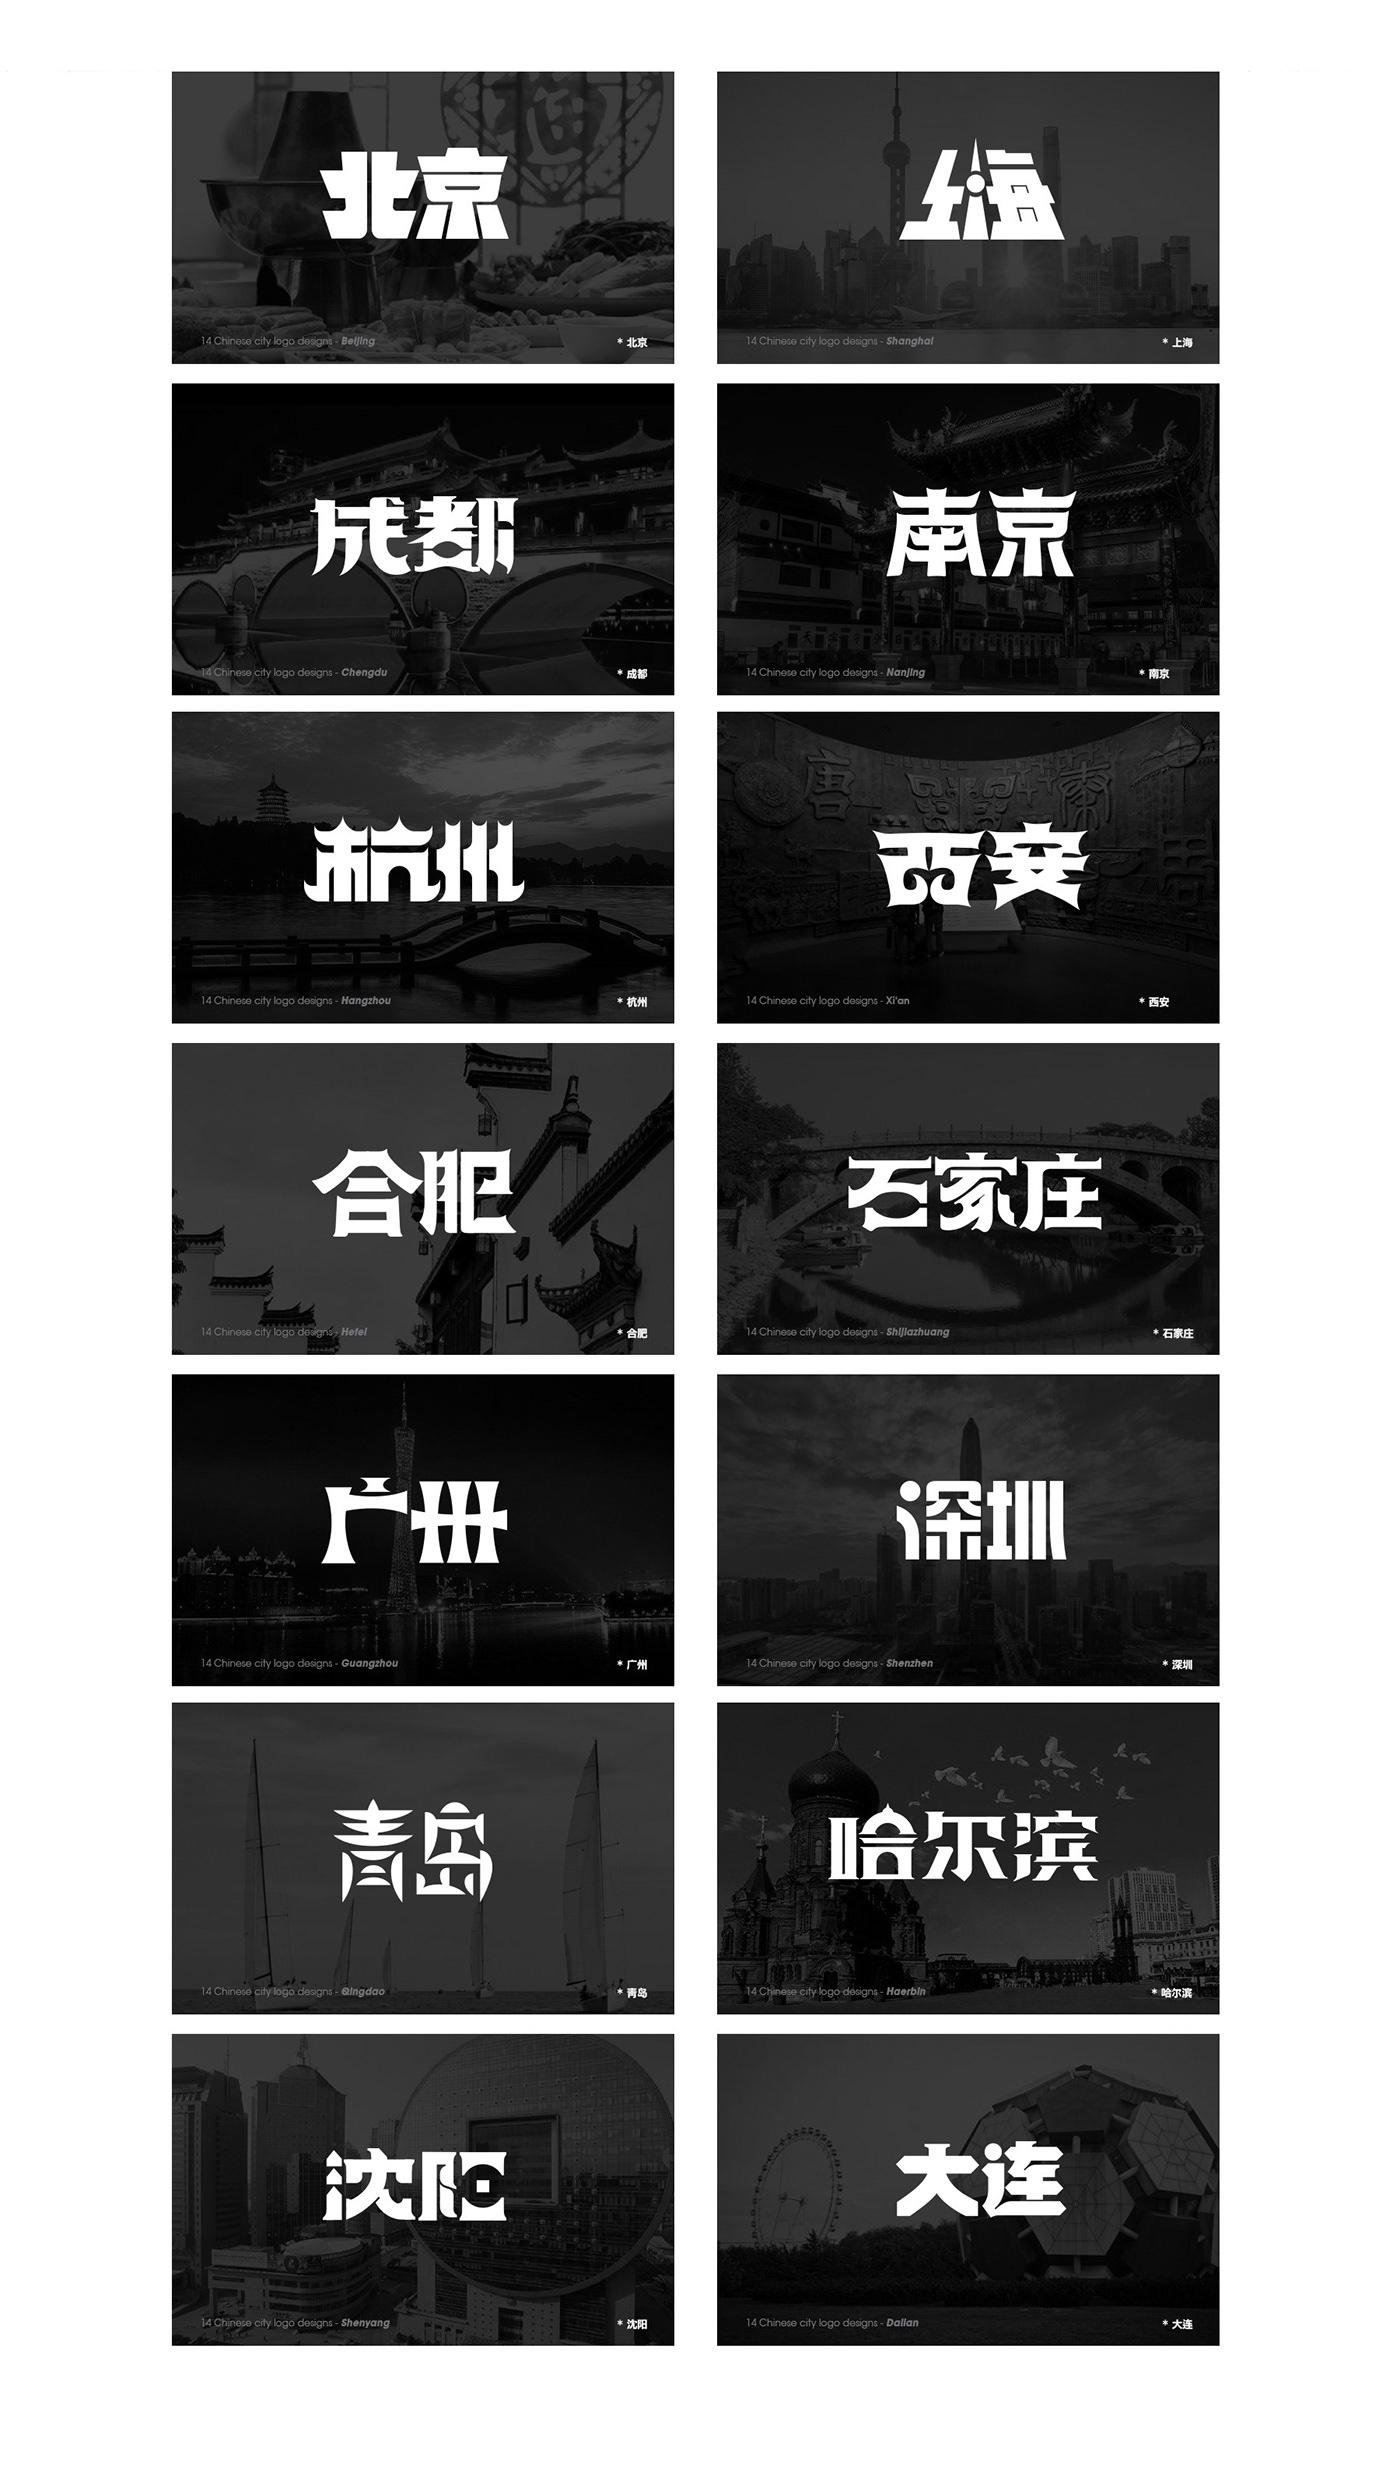 天猫 tmall 不服来斗 字体设计 Typeface